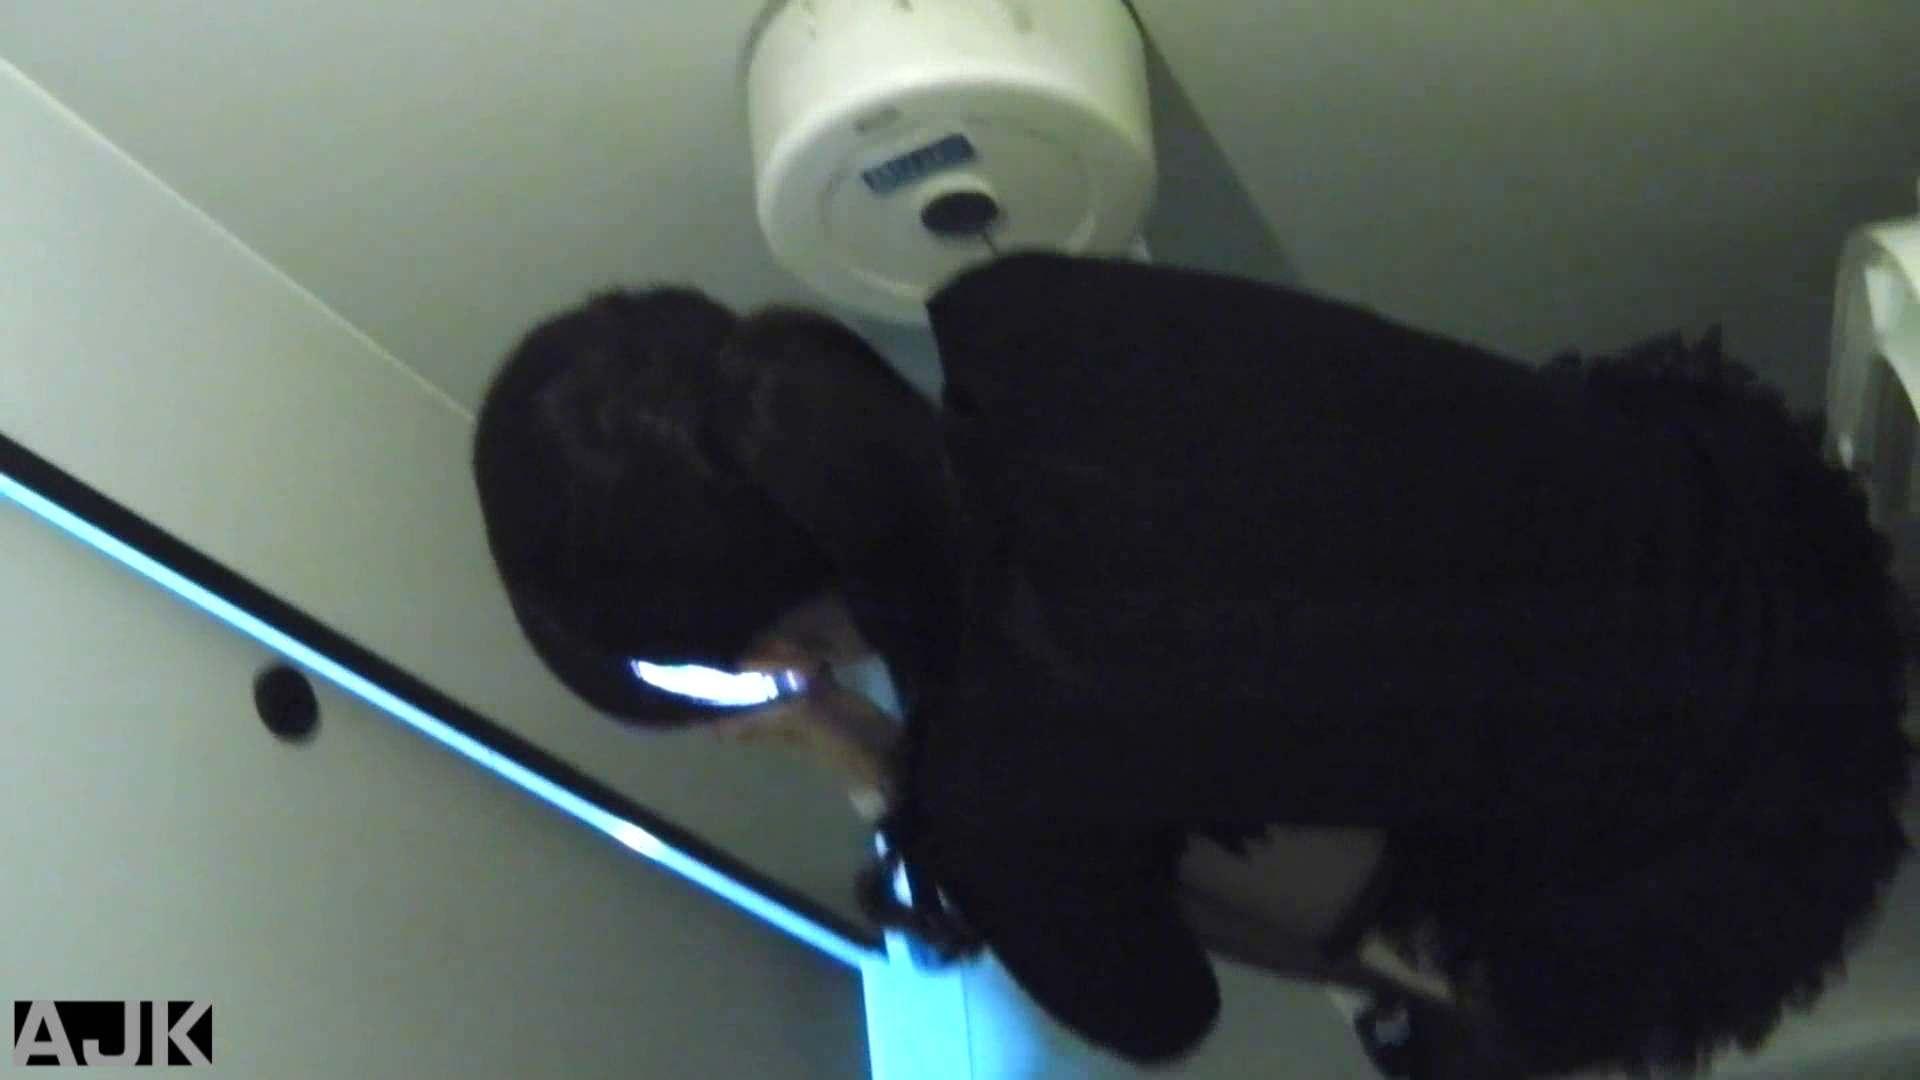 隣国上階級エリアの令嬢たちが集うデパートお手洗い Vol.23 お嬢様のエロ動画  76枚 11